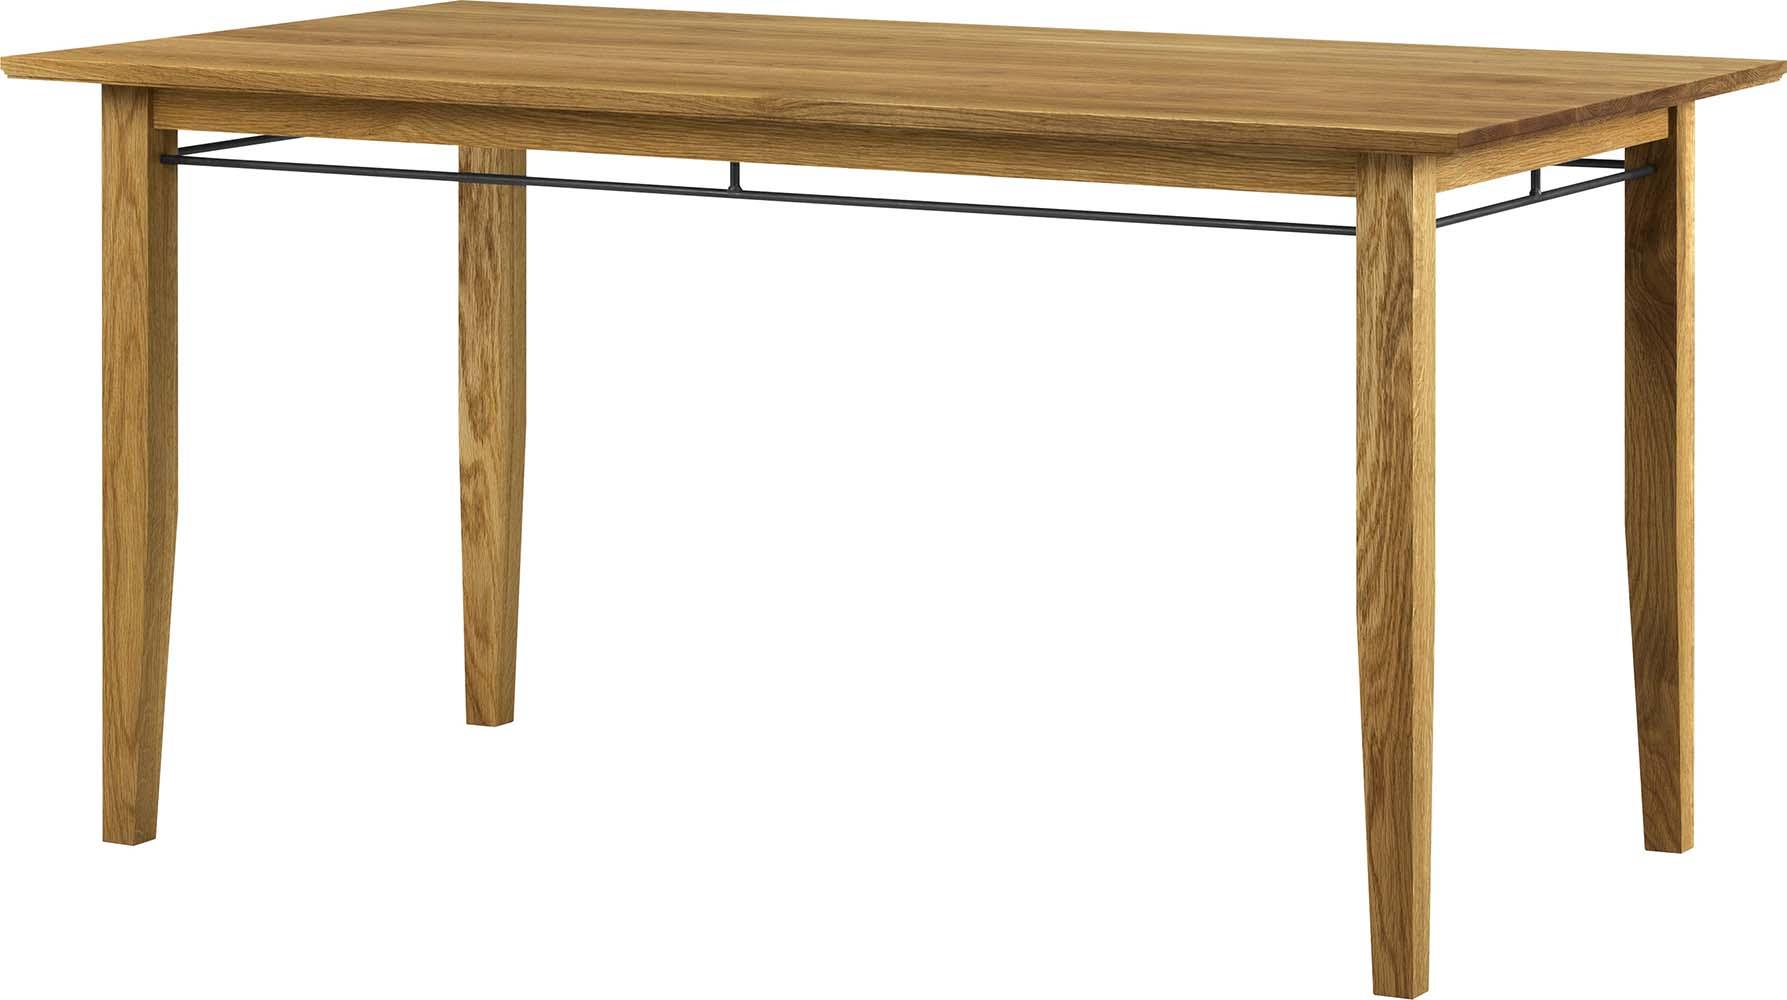 このシーンで使われているアイテム画像(STATIC dining table)